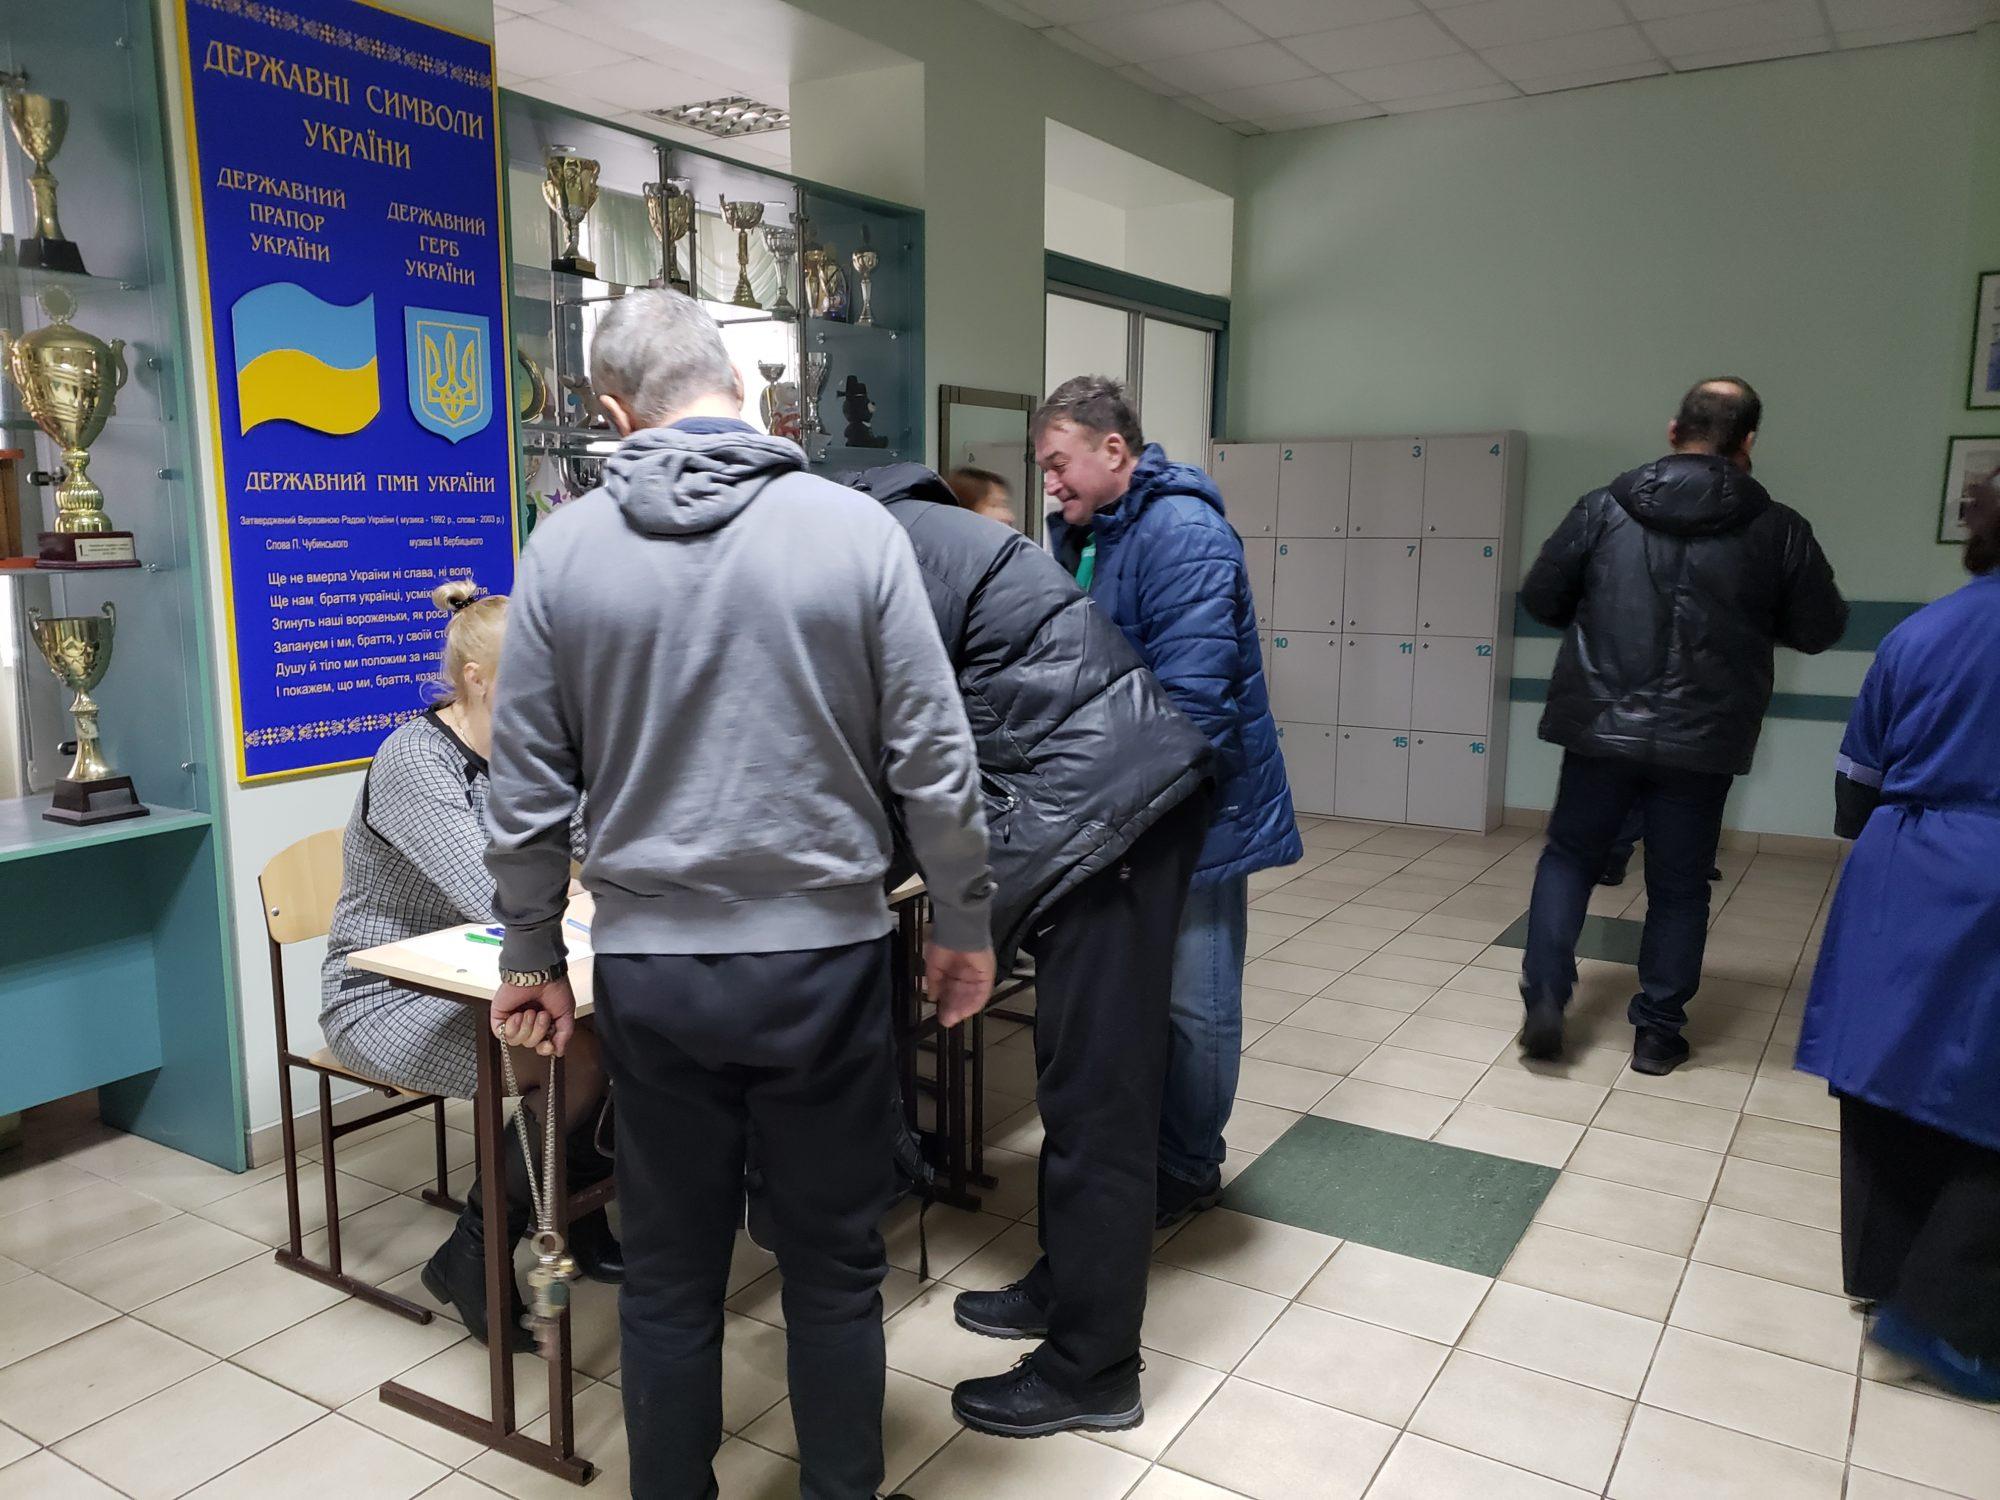 Школи не буде: у Броварах відбулася нарада щодо відкриття ЗОШ на базі БВУФК -  - 20200130 132719 2000x1500